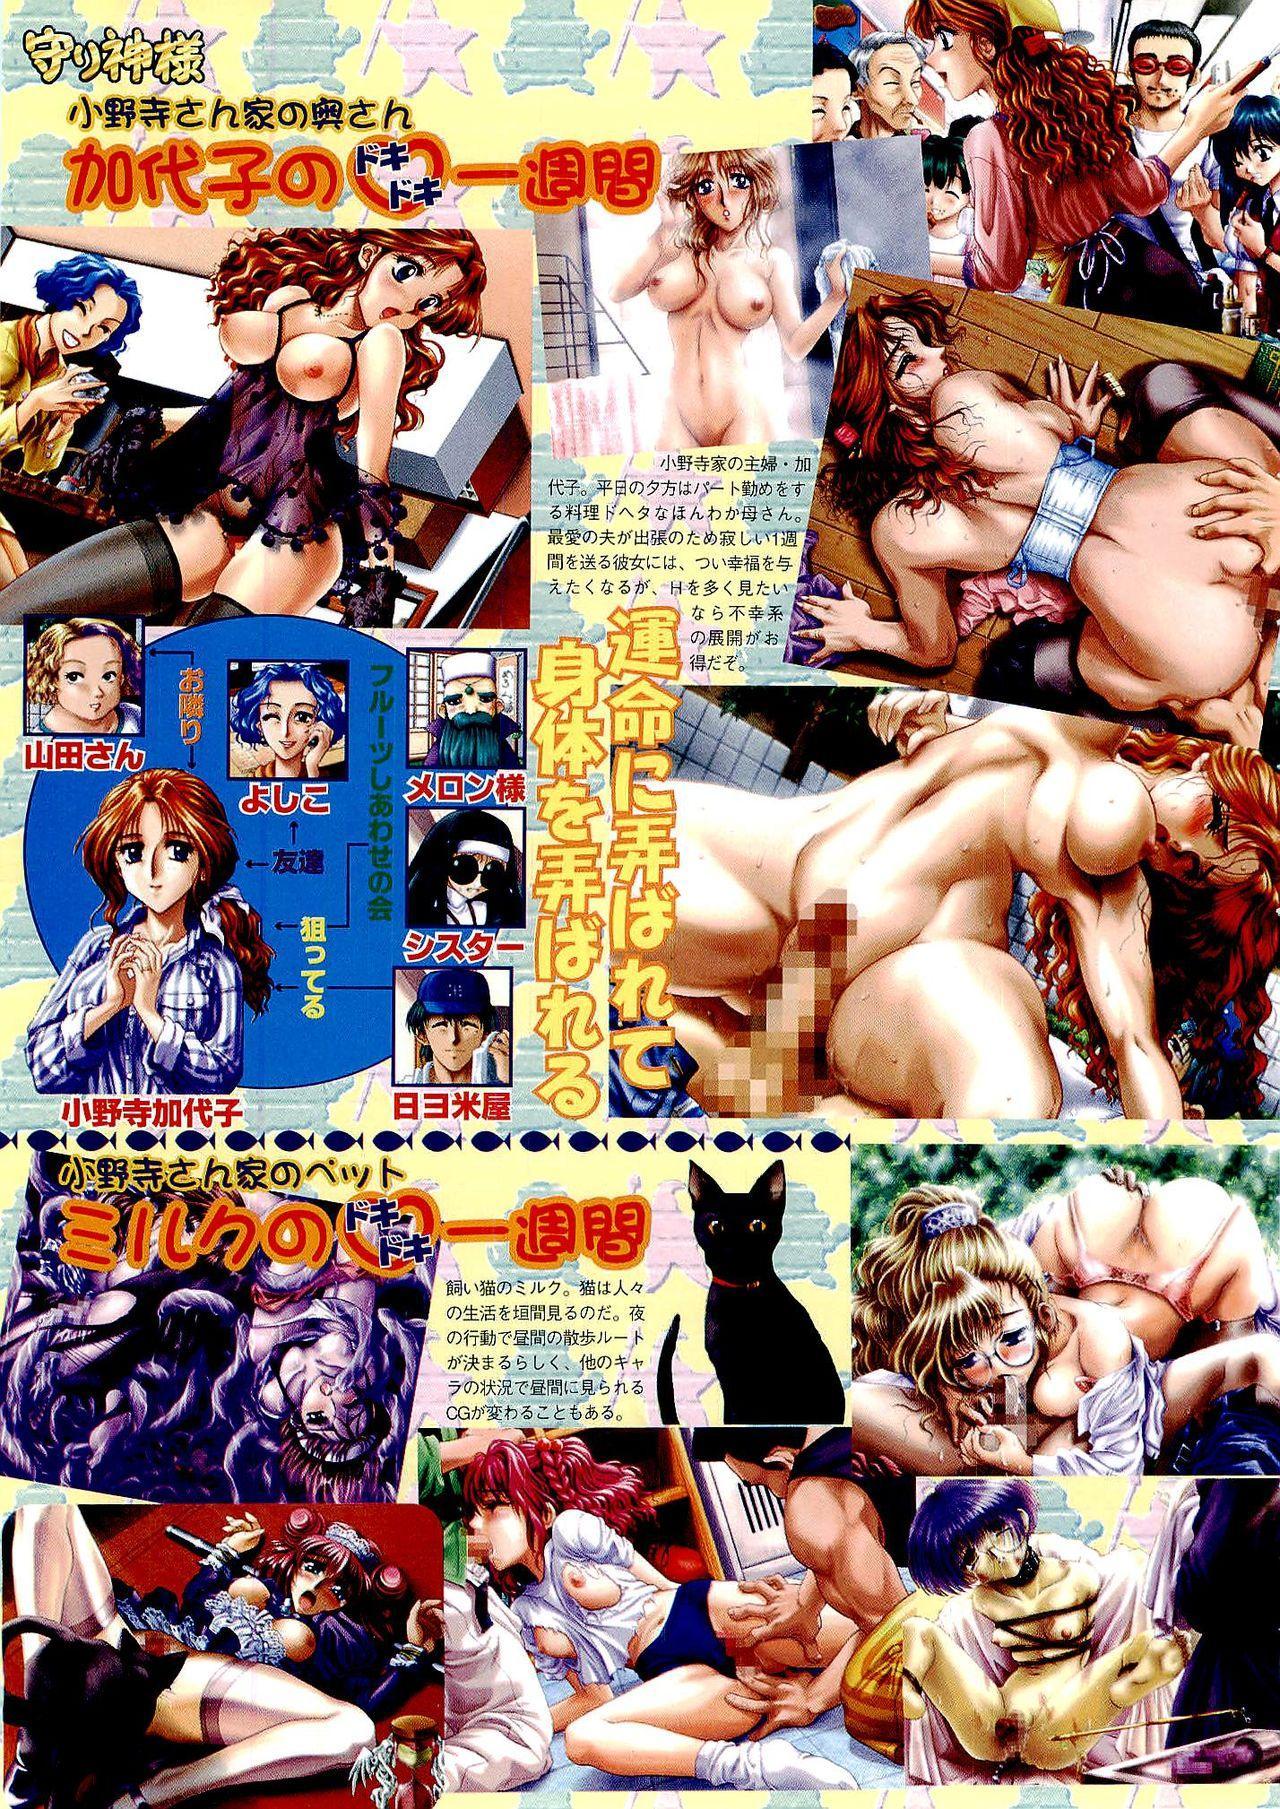 BugBug 1999-06 47